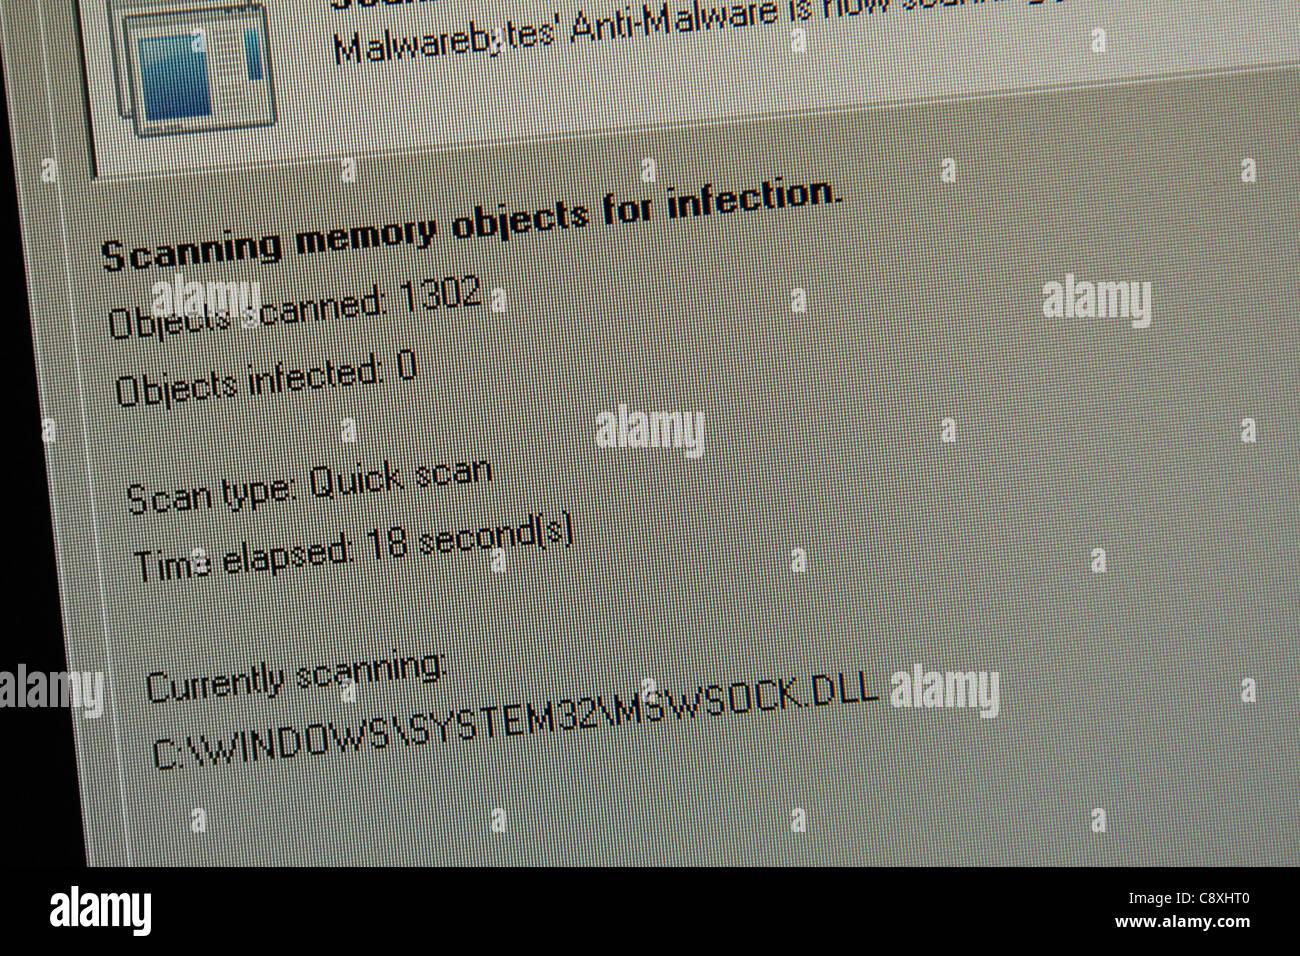 Analizar análisis virus informático infección de spyware Imagen De Stock